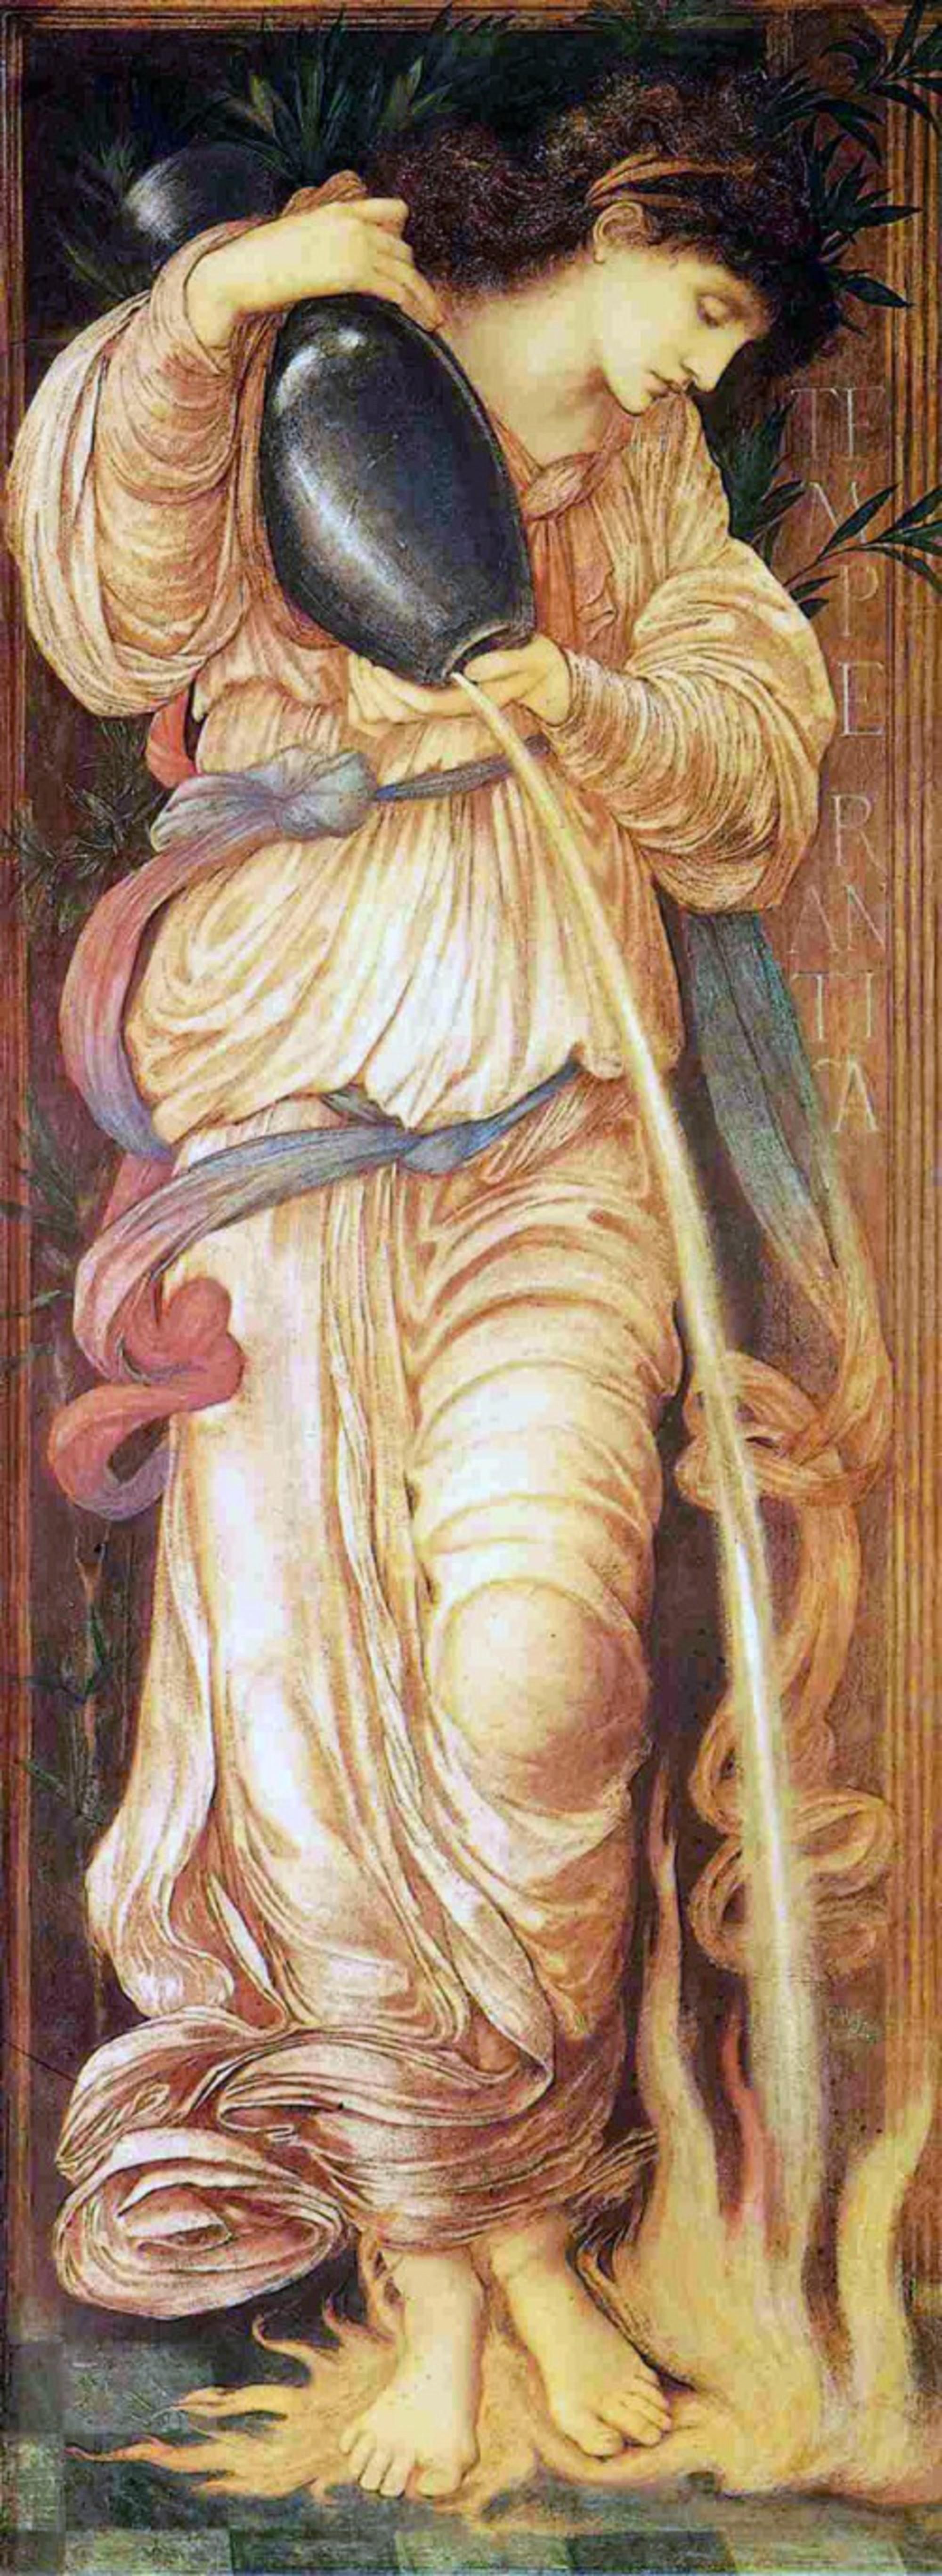 Edward_Burne-Jones_Temperantia_1872.jpg